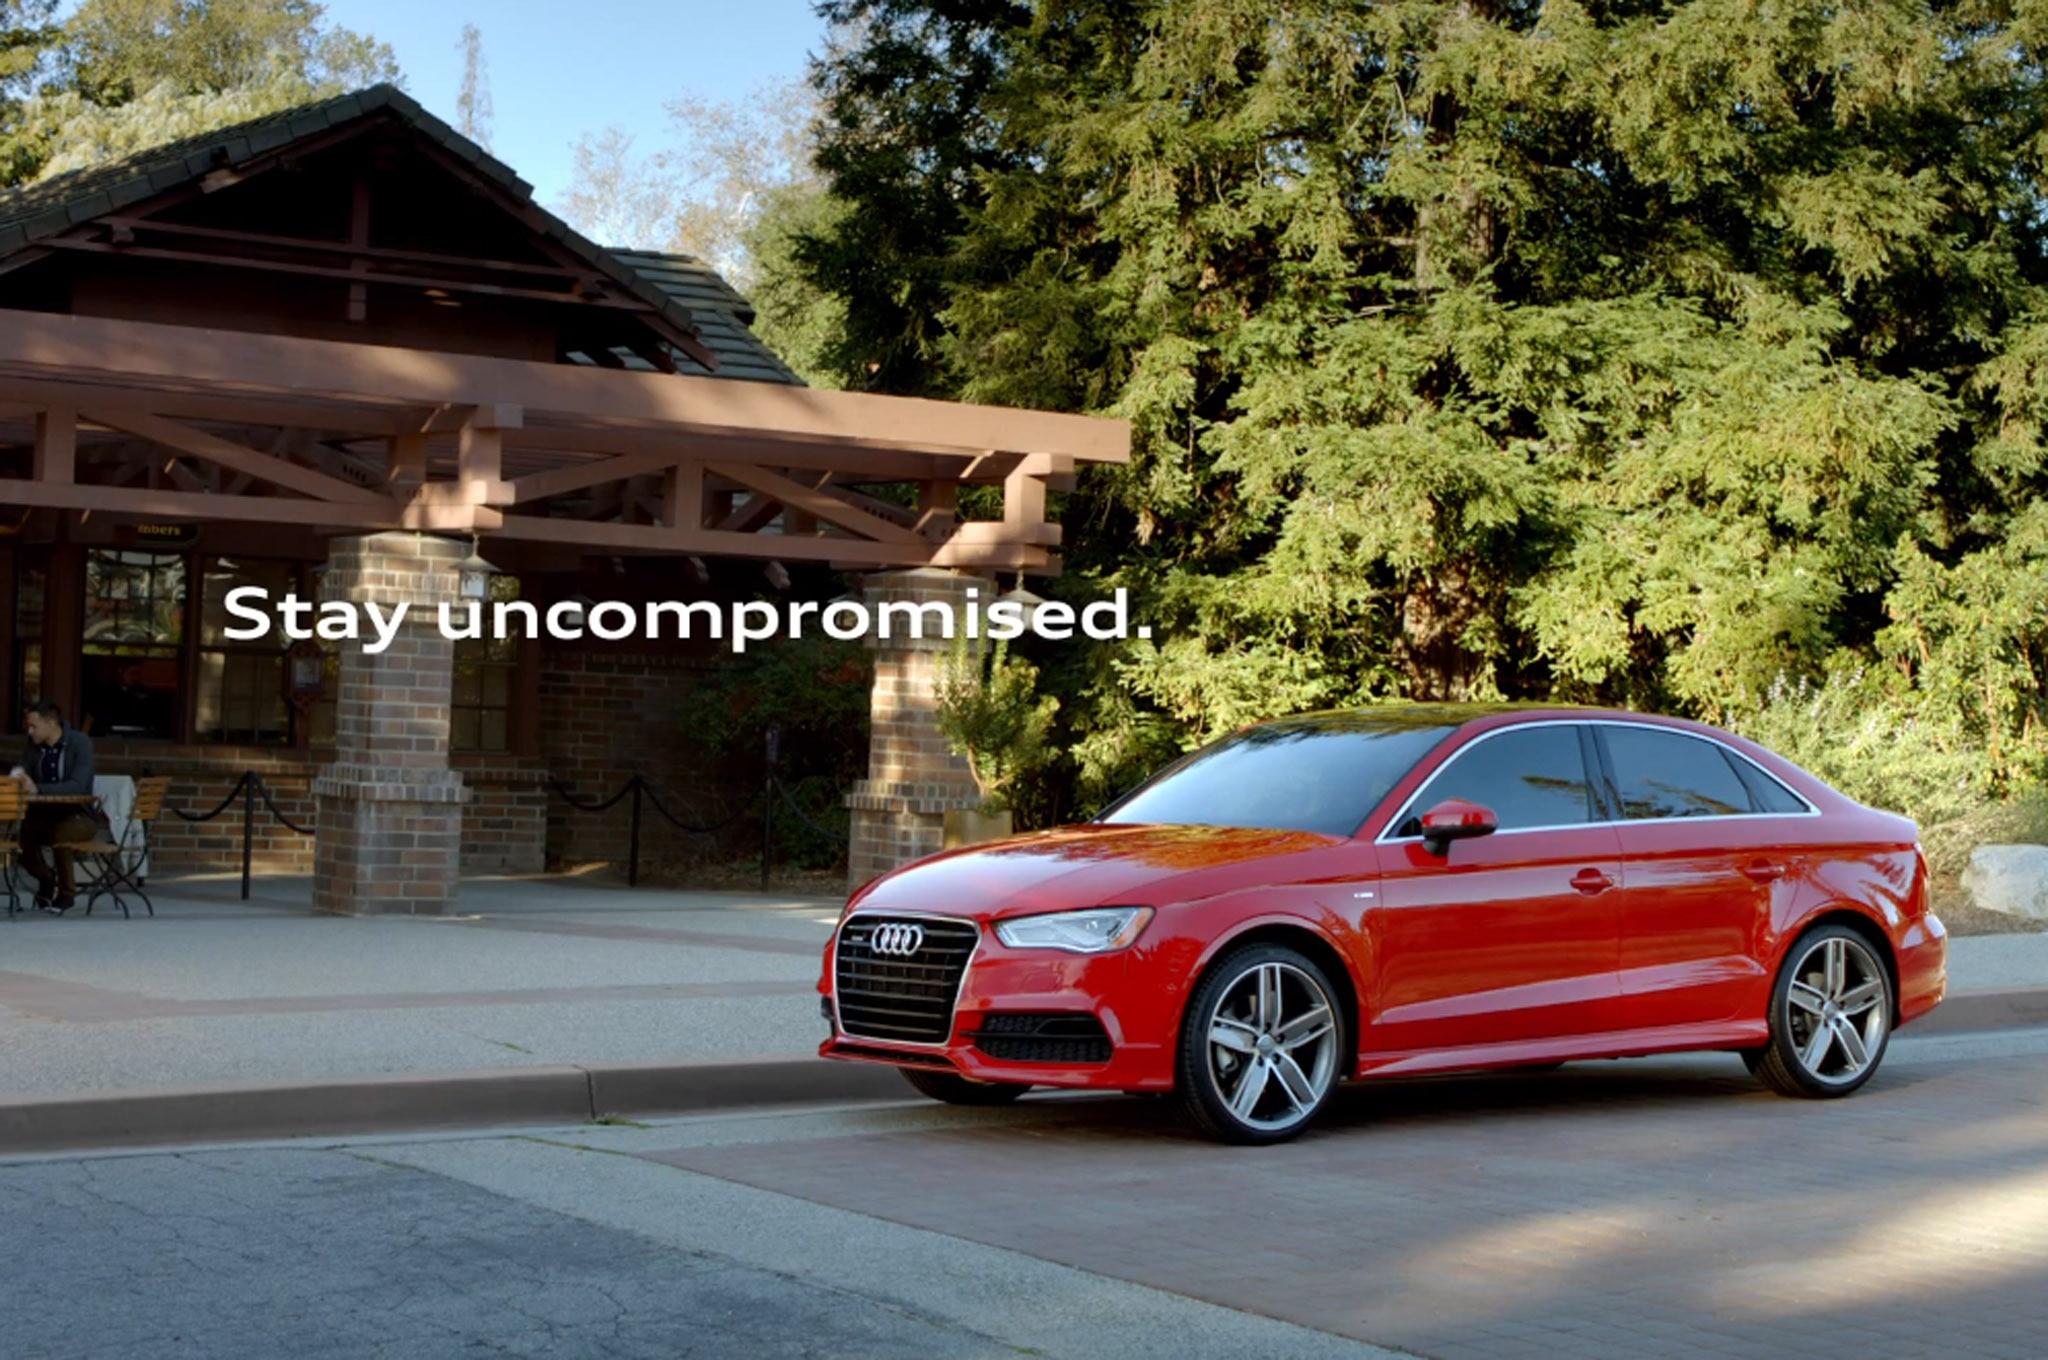 2015 Audi A3 Ad Campaign 011